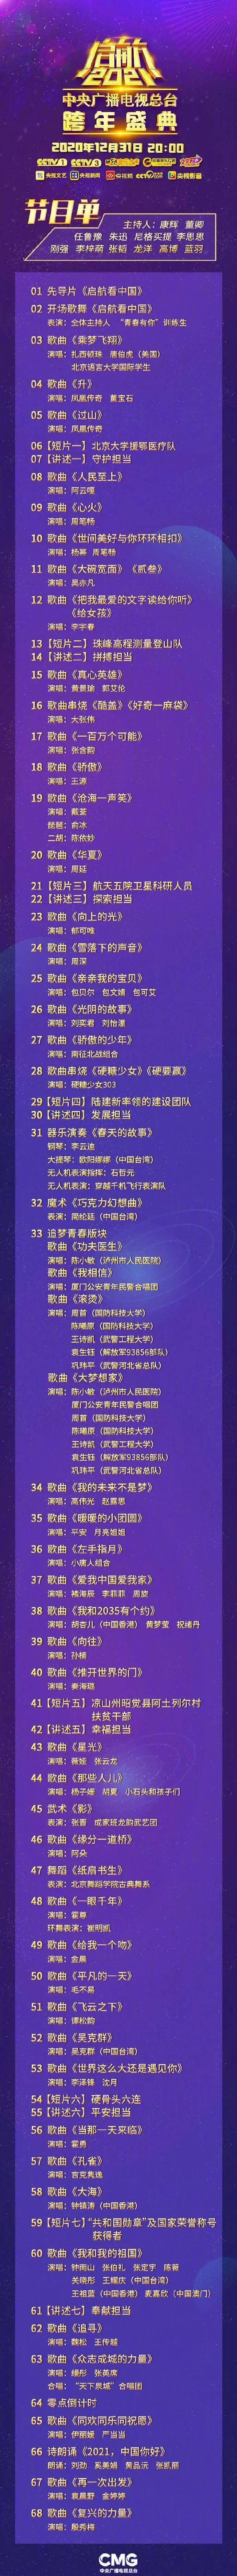 央视跨年节目单出炉!钟南山、陈薇等献唱《我和我的祖国》|爱游戏真人(图2)